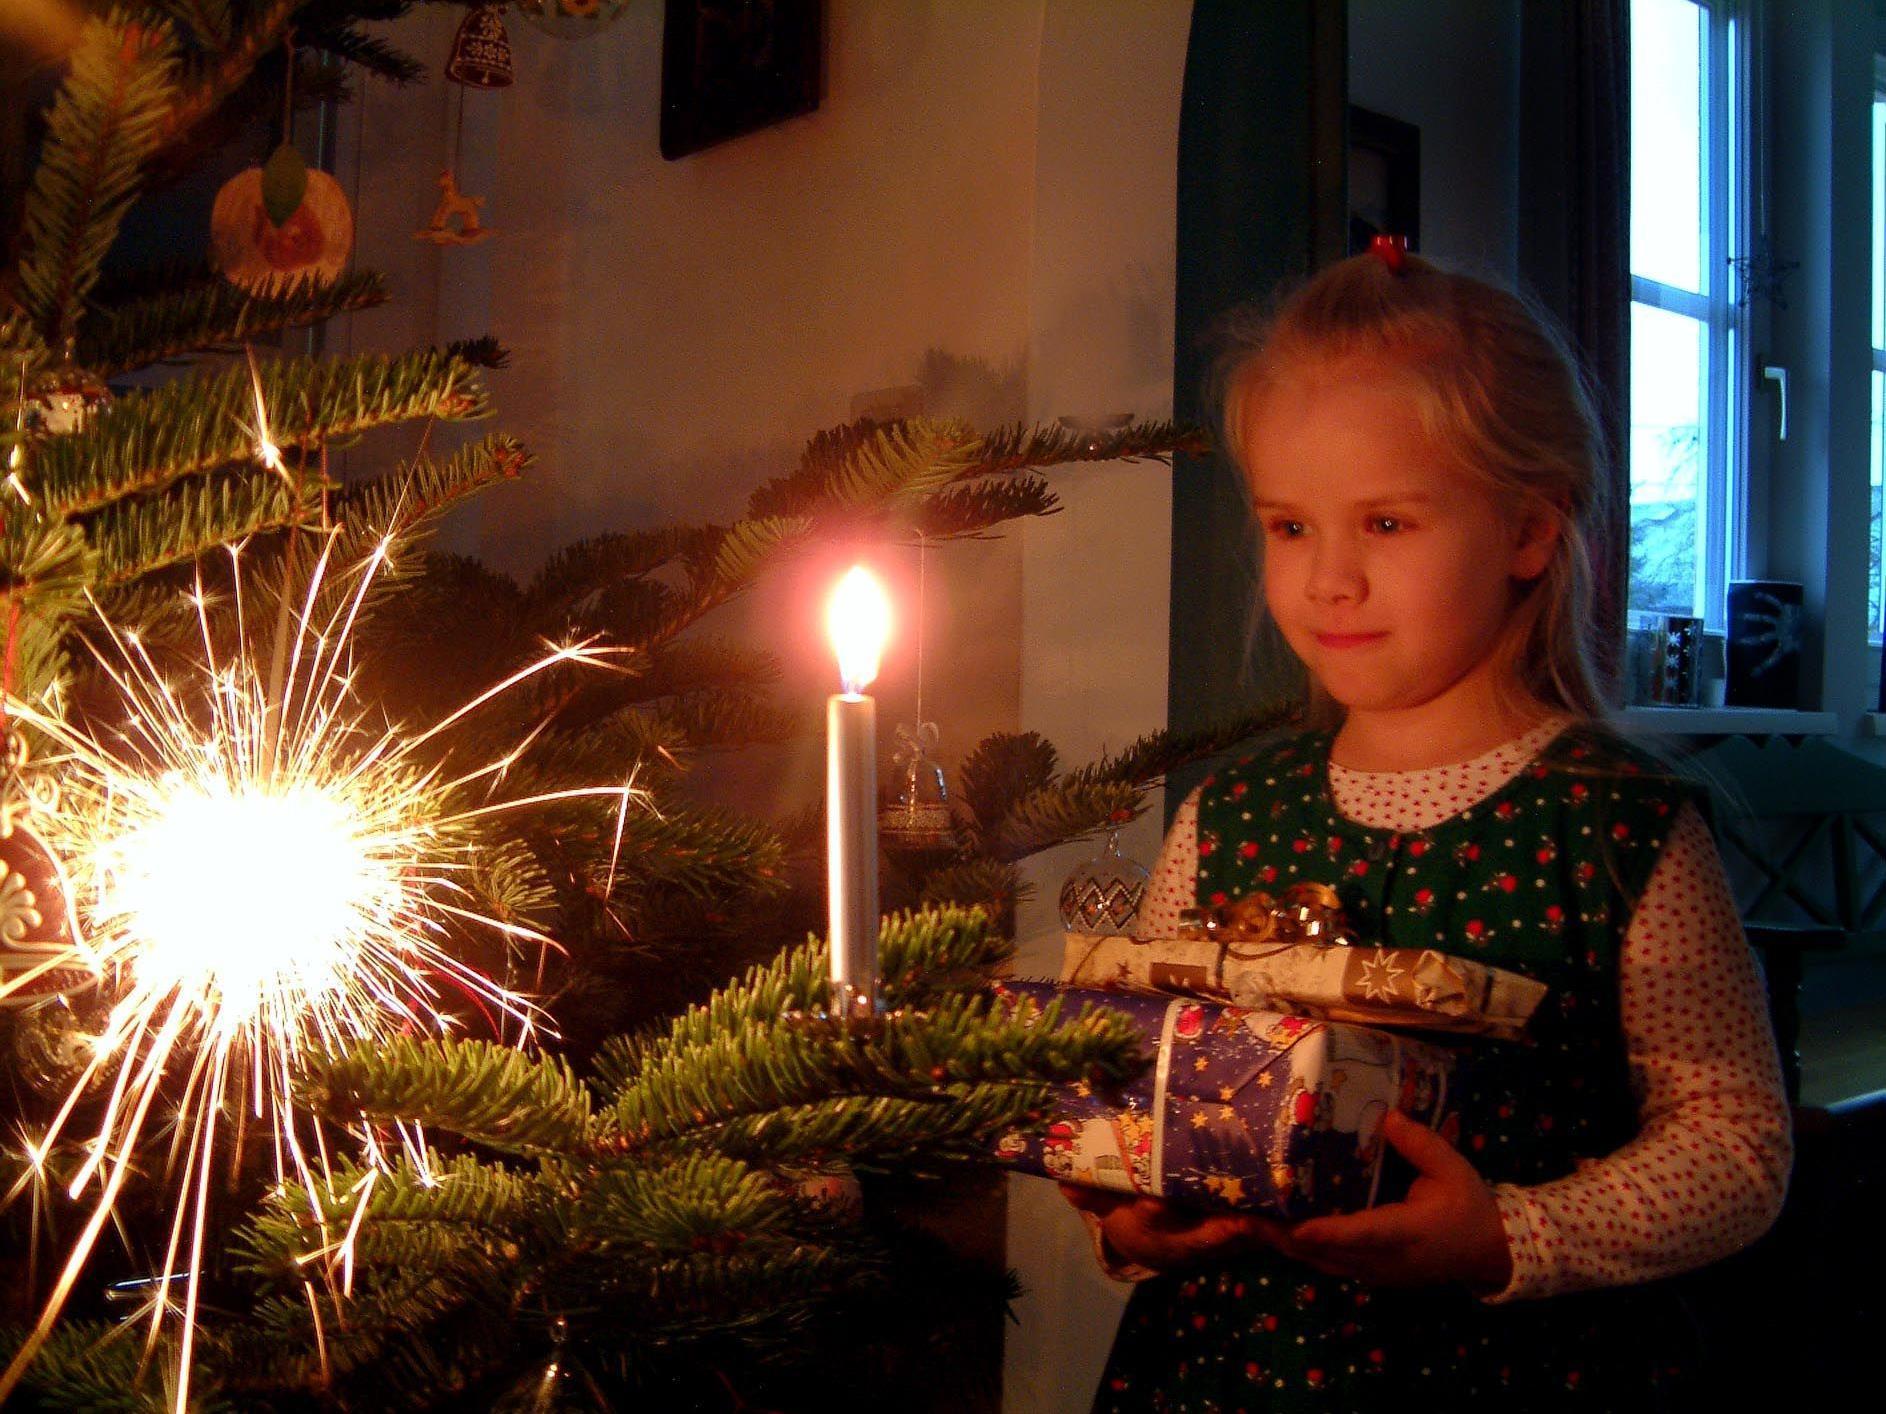 So wird in Wien auf das Christkind gewartet. Museen und Adventmärkte bieten spezielle Programme an.